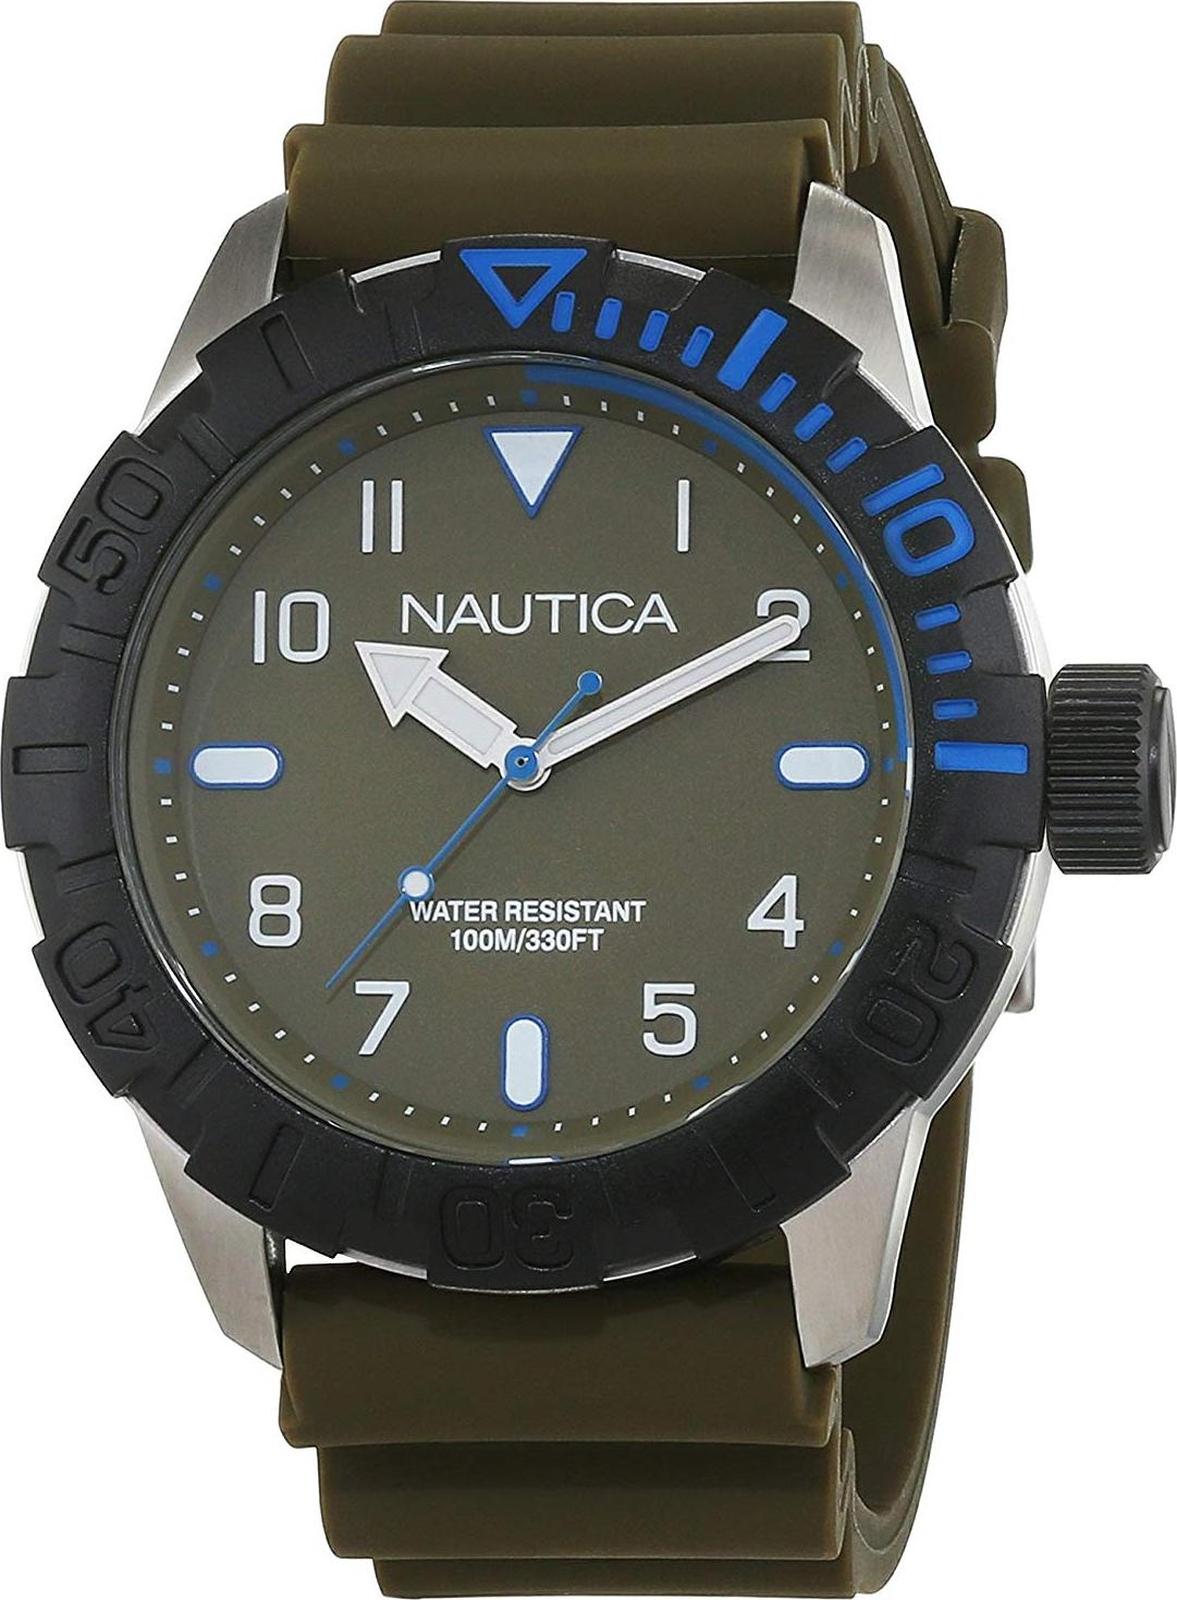 Наручные часы Nautica мужские оливковый все цены